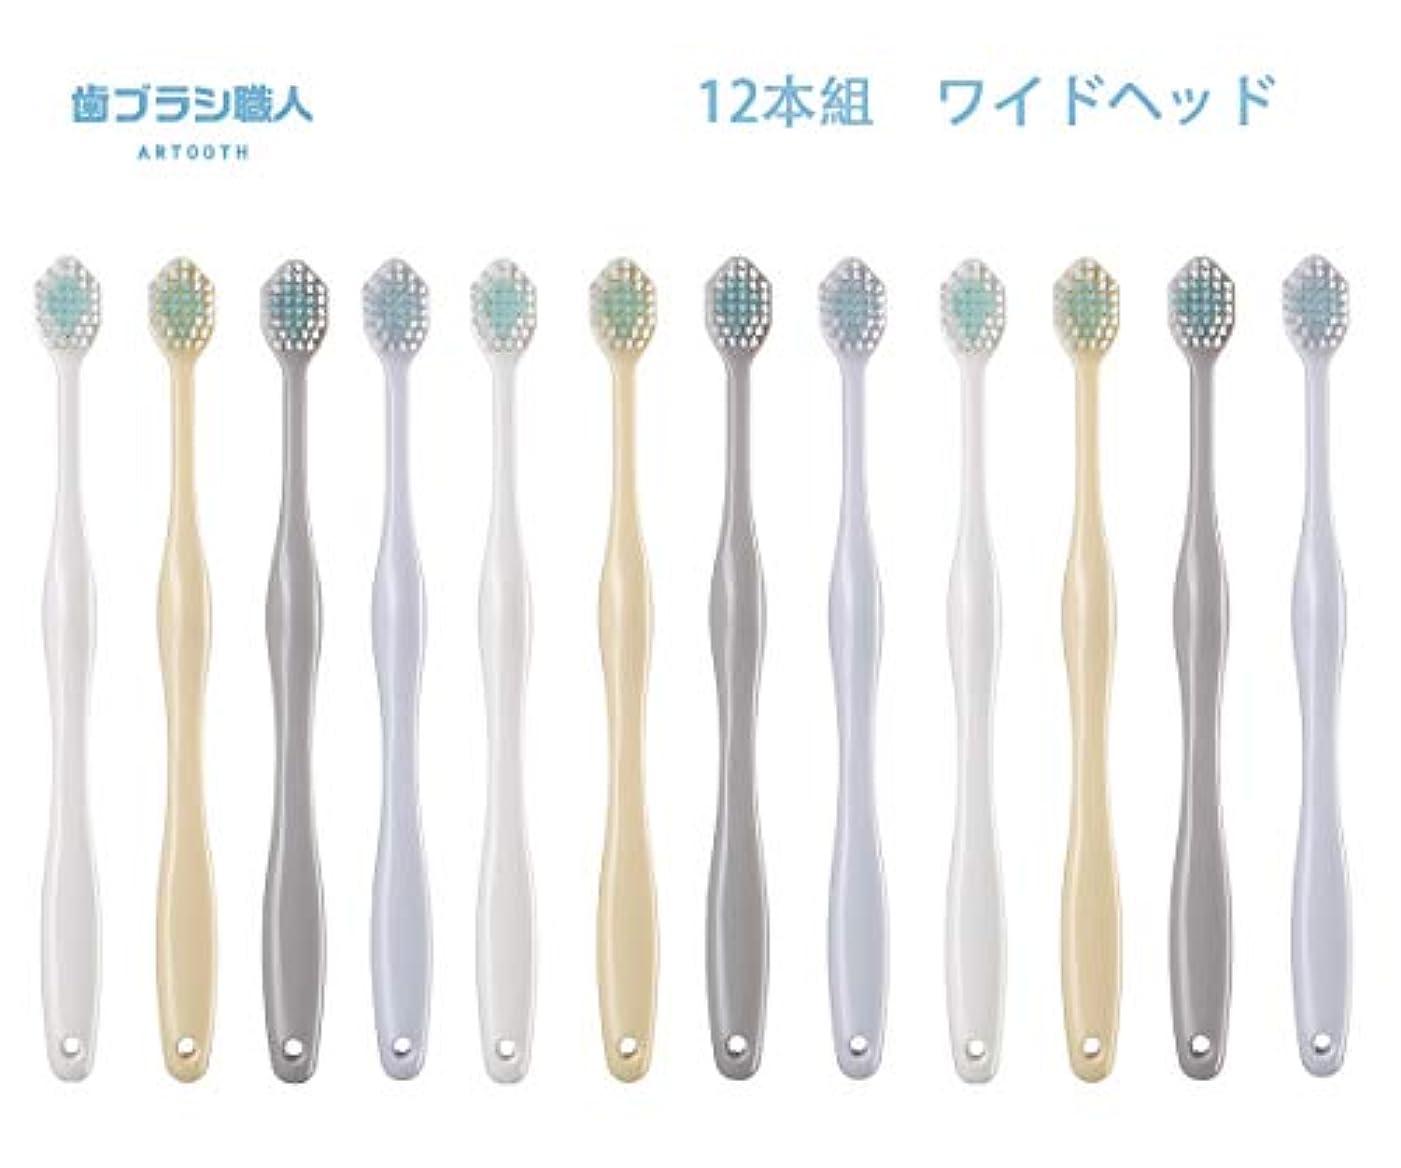 ヘッジ海里犬歯ブラシ職人Artooth ® 田辺重吉 磨きやすい歯ブラシ ワイド 6列レギュラー AT-30 (12本組)